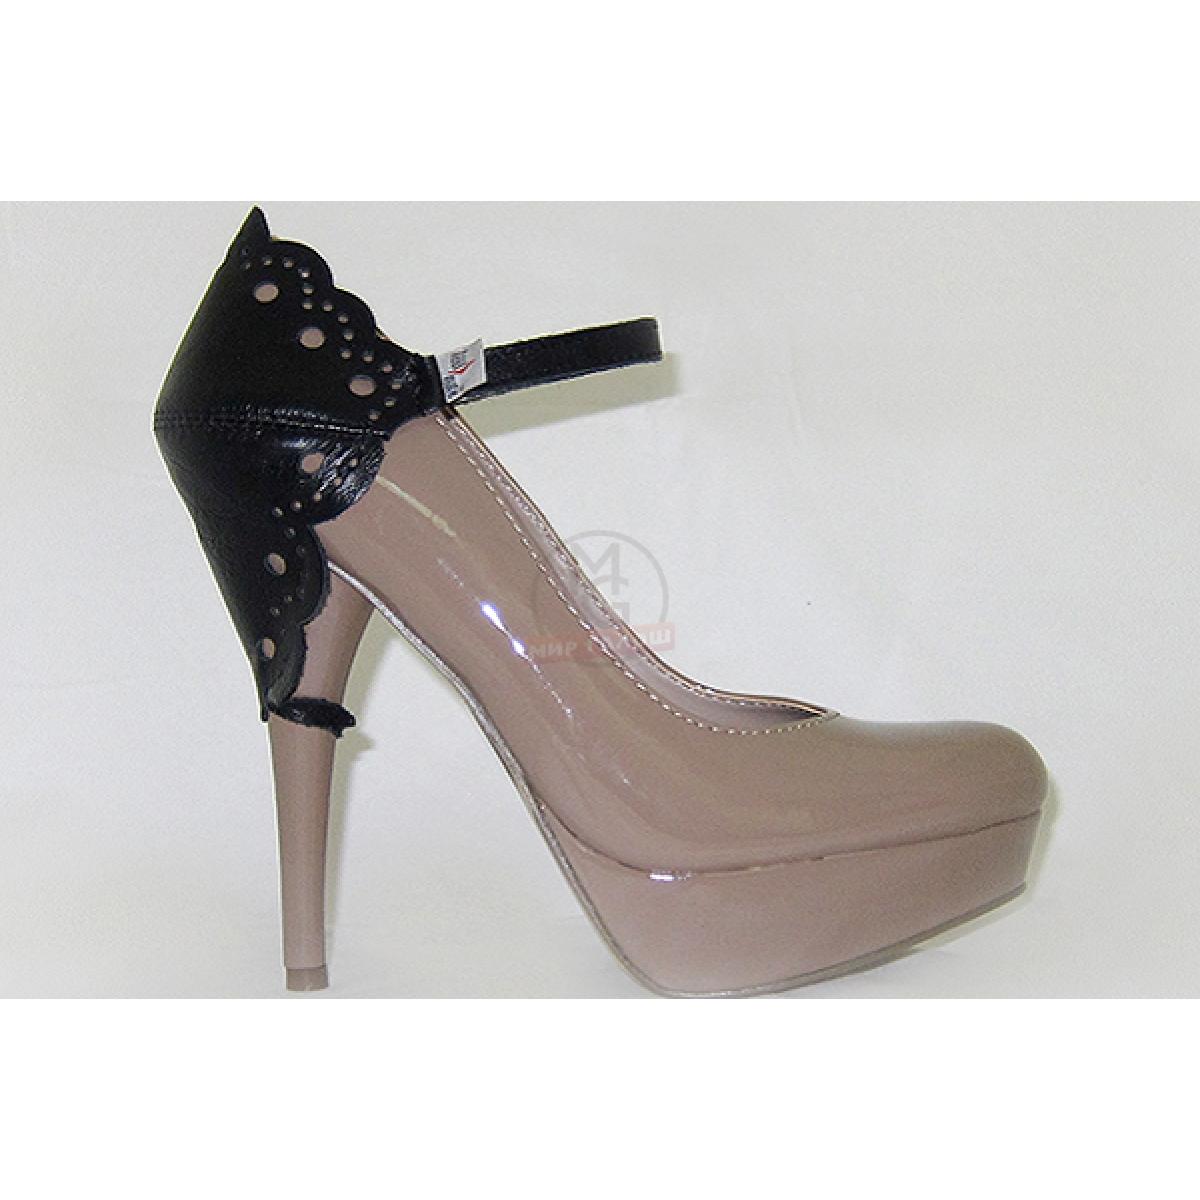 Автопятка узорная для женской обуви на каблуке